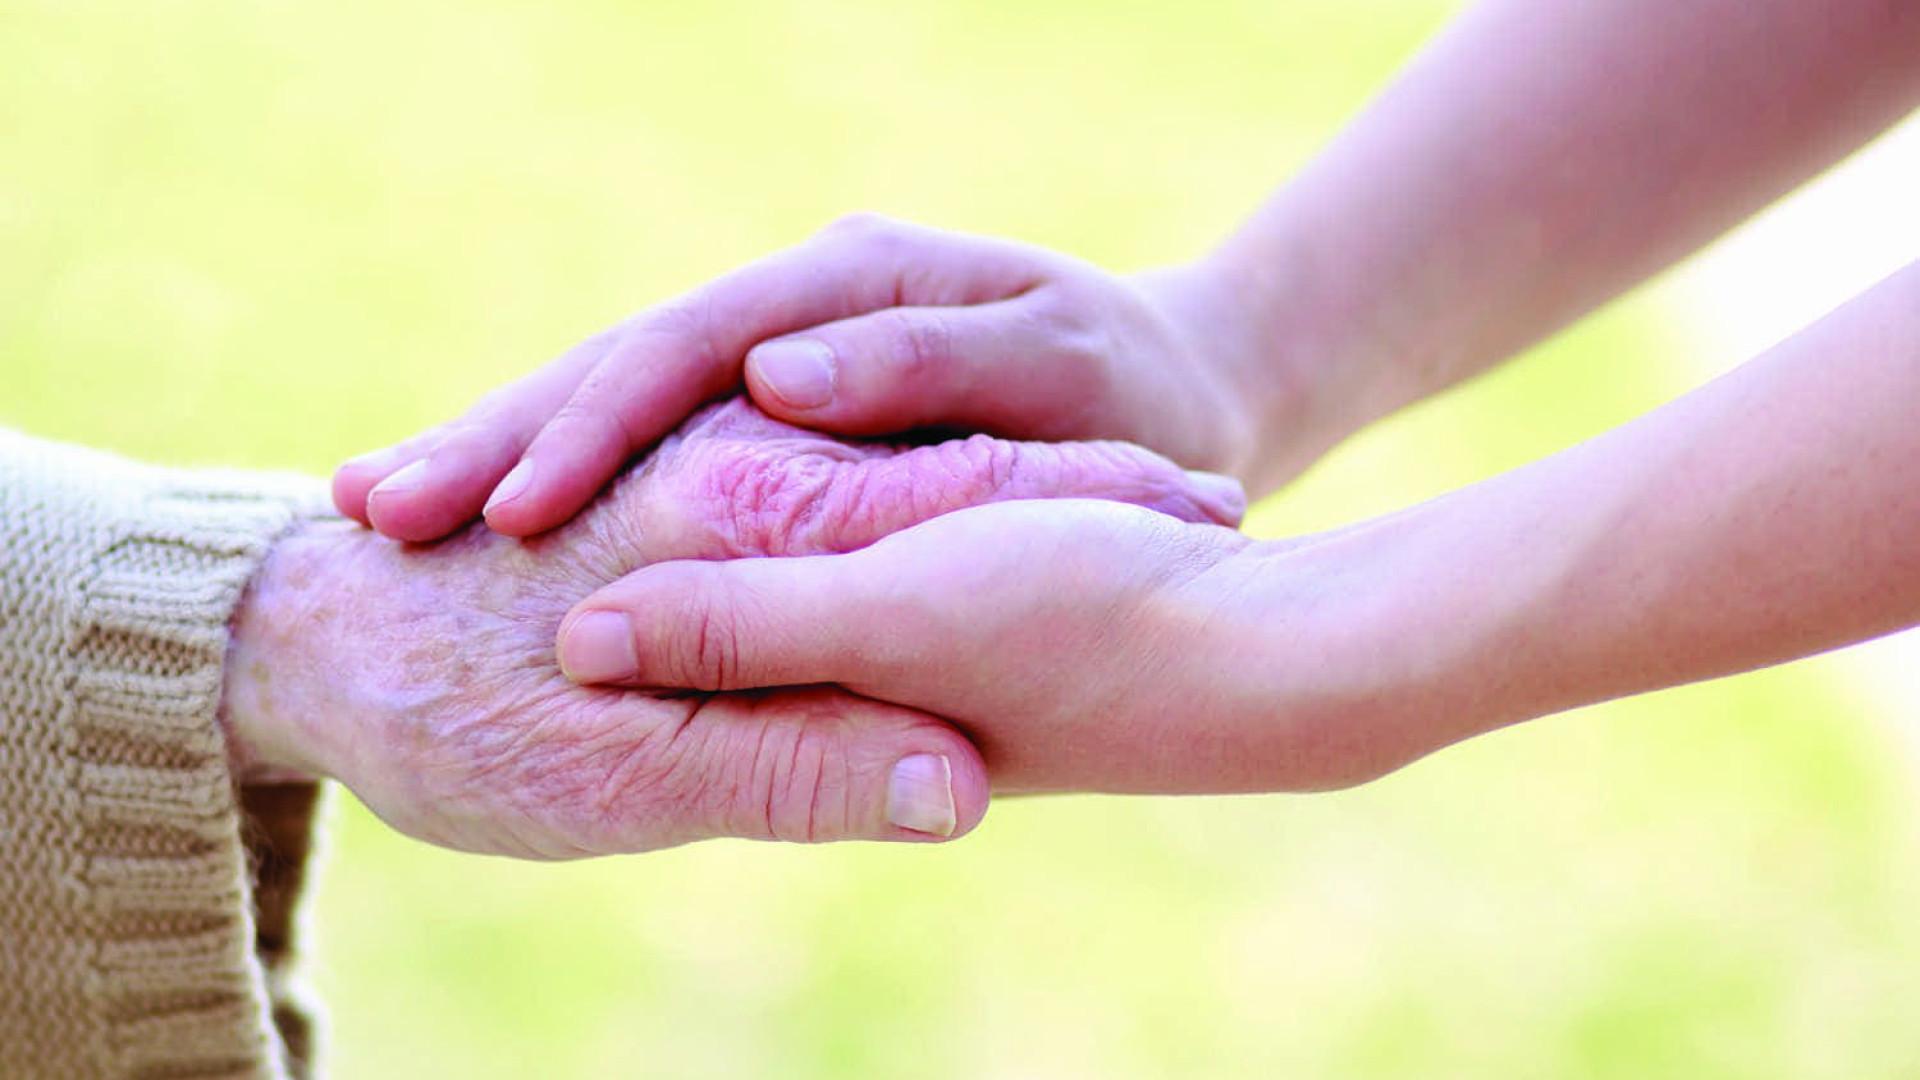 Comunidade 'Parkinson Hoje' discute a doença online